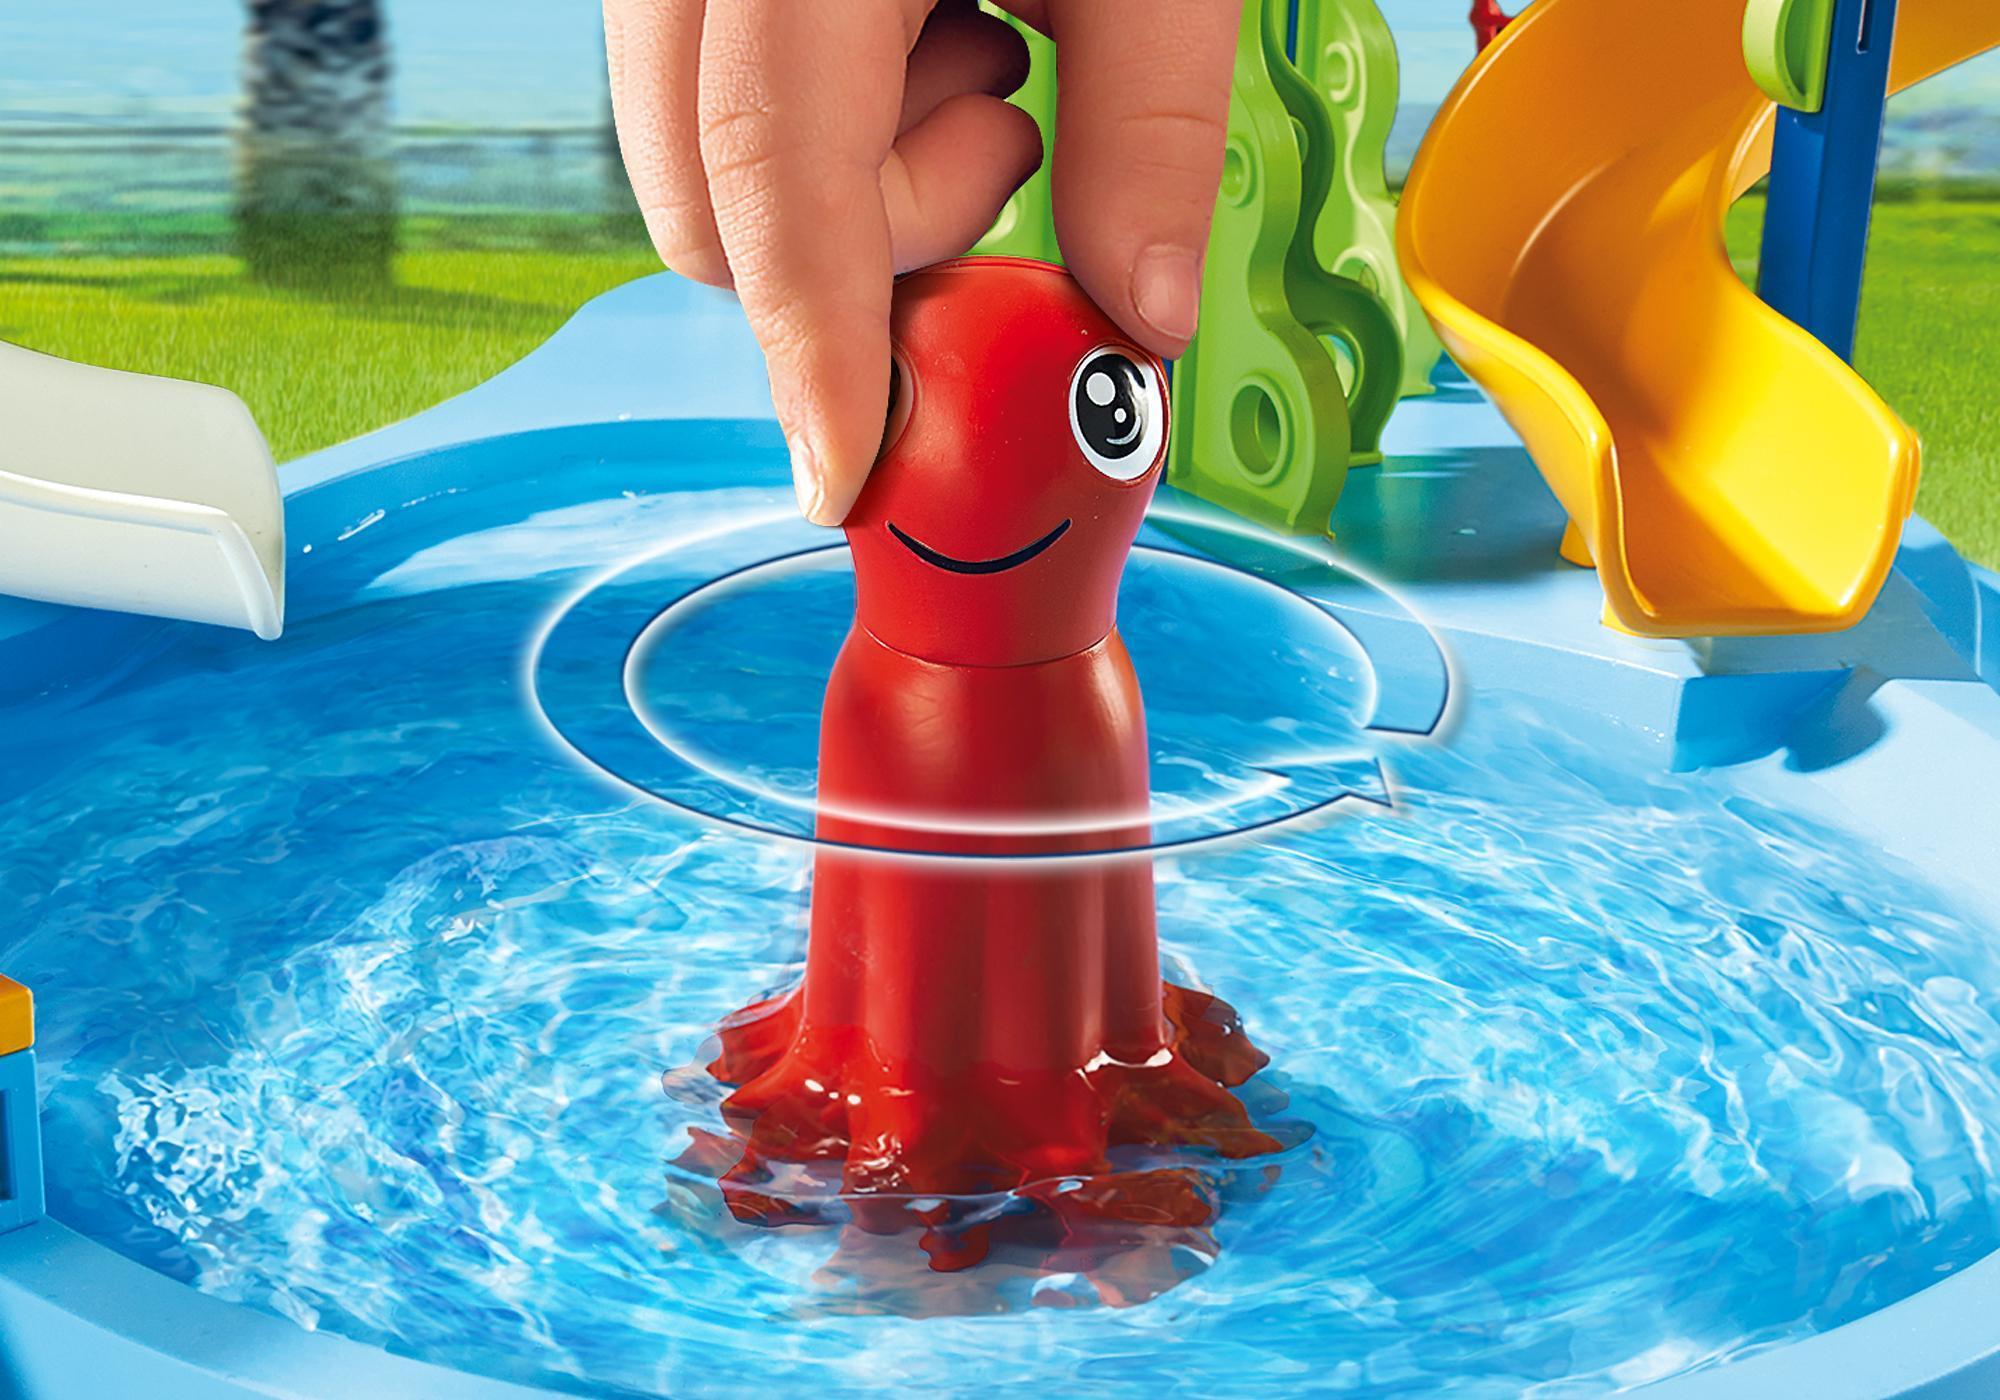 http://media.playmobil.com/i/playmobil/6669_product_extra2/Parc aquatique avec toboggans géants